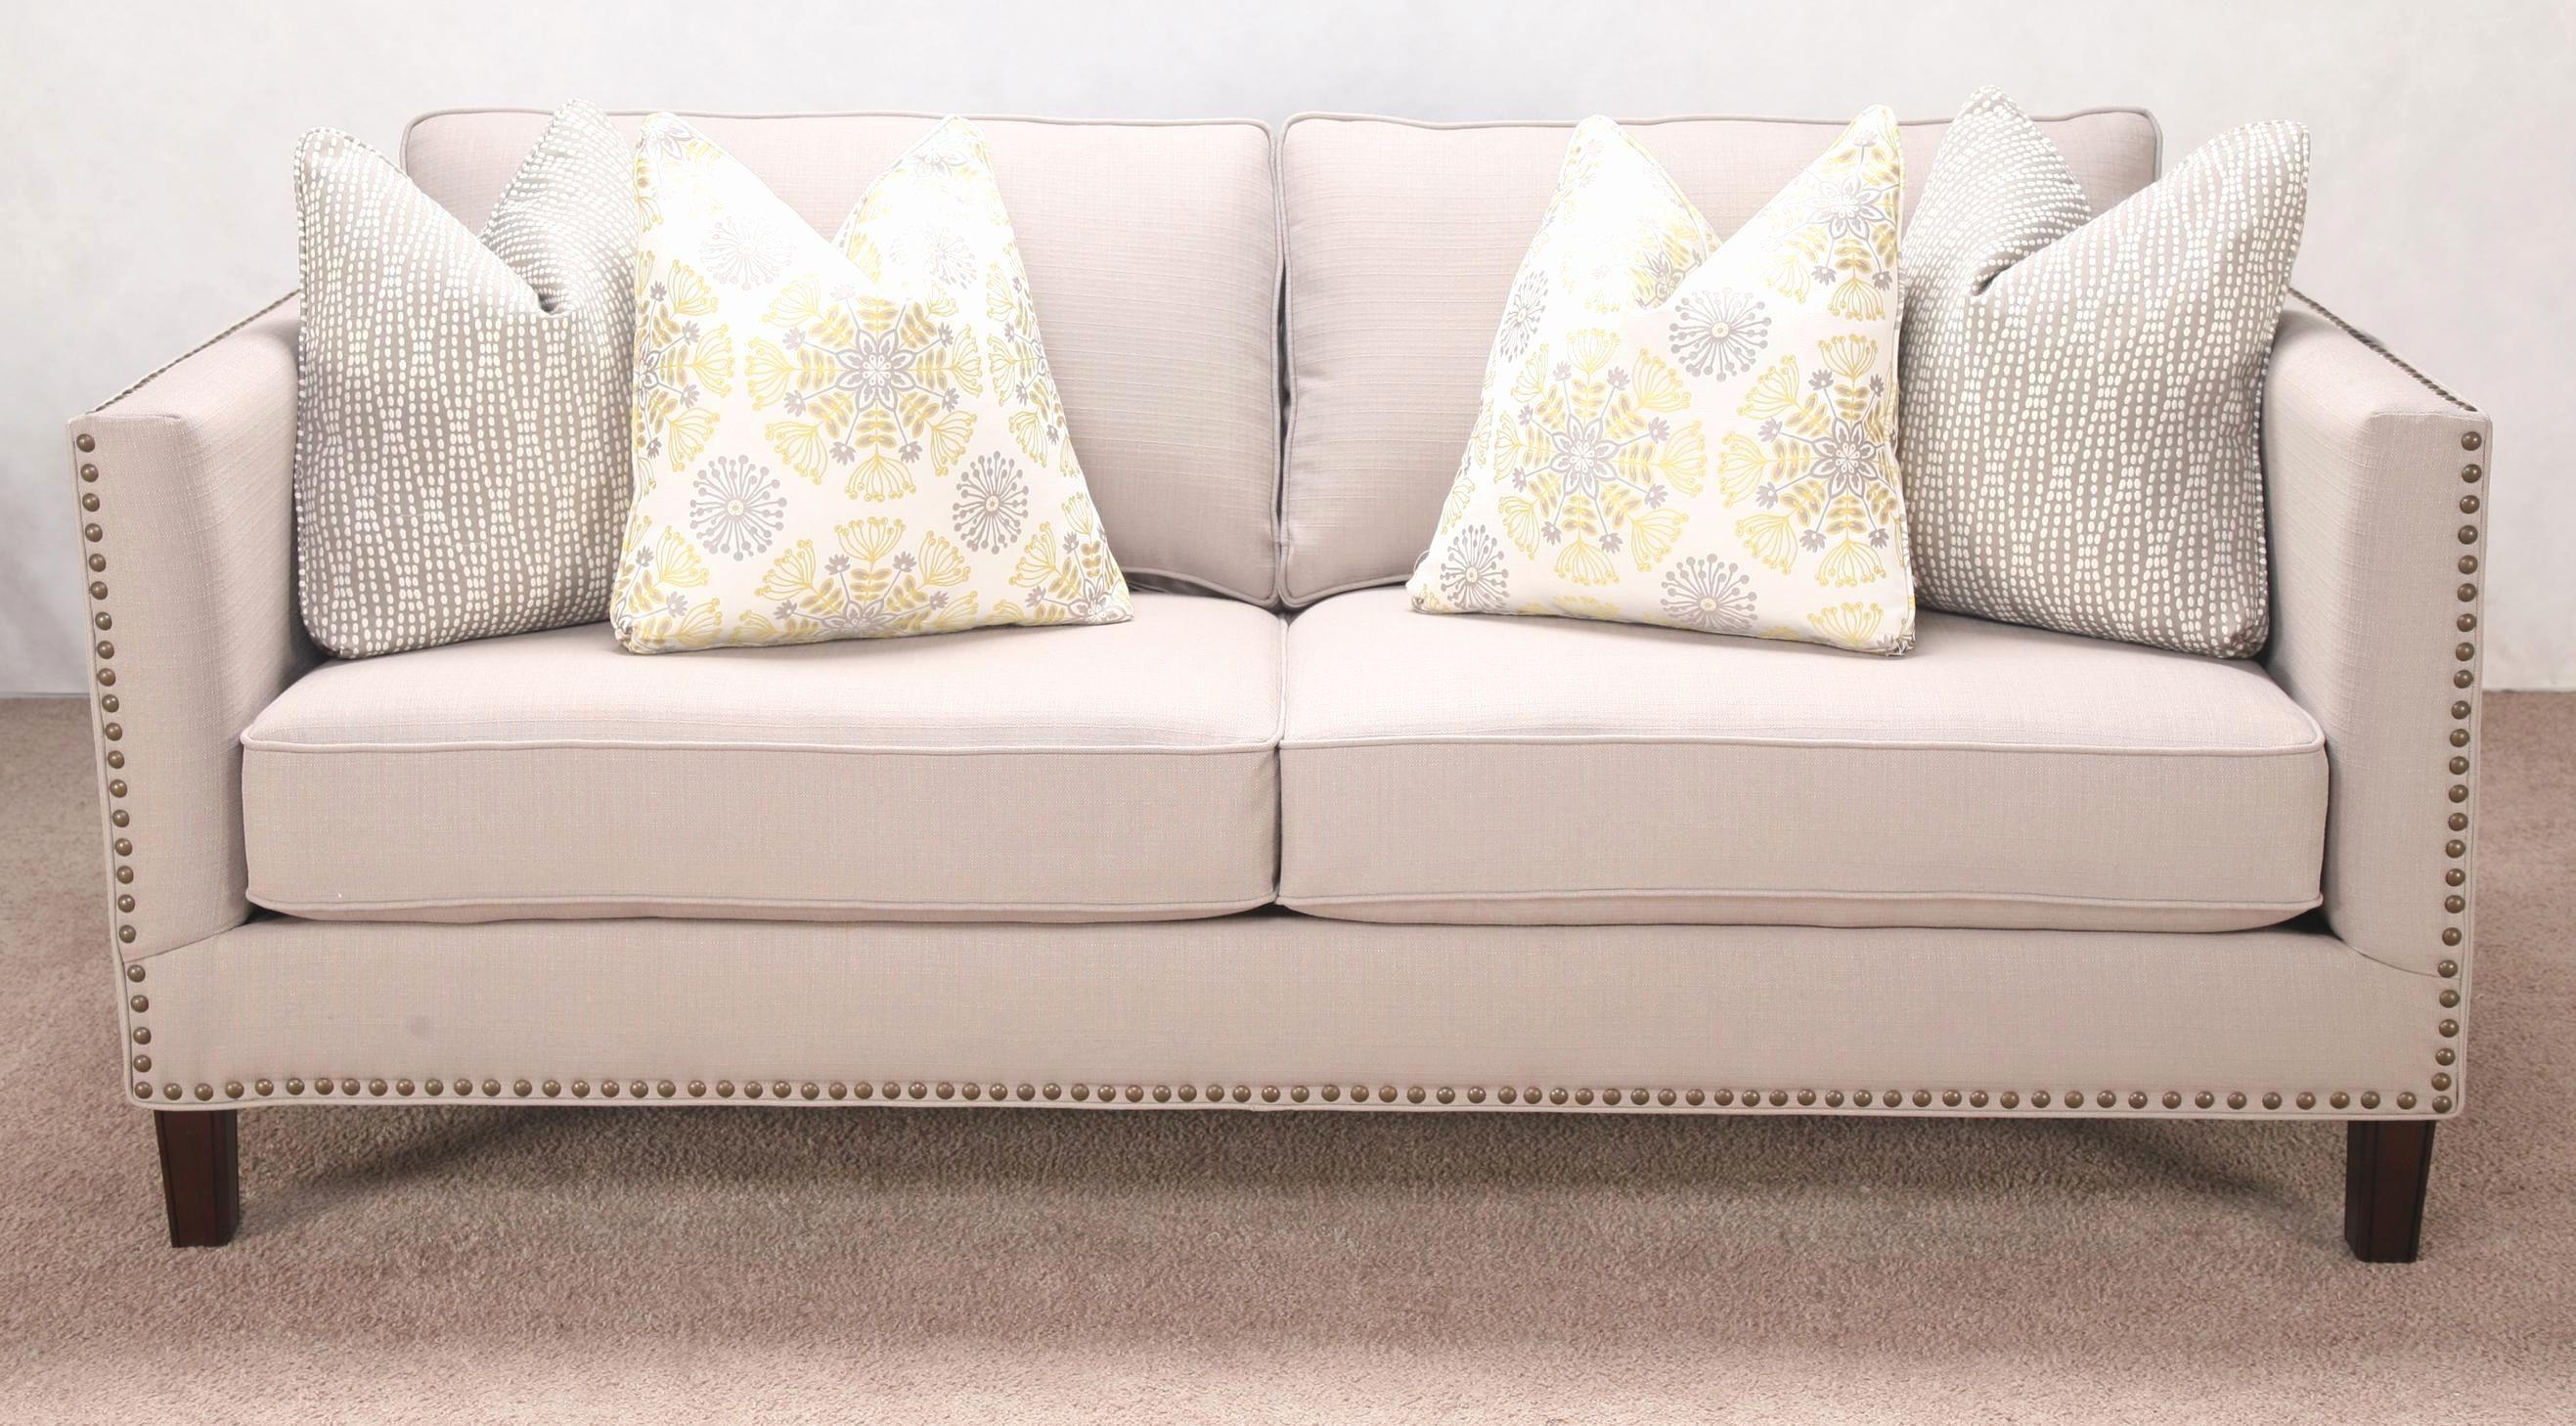 nailhead sleeper sofa alan white at sofadealers sofas